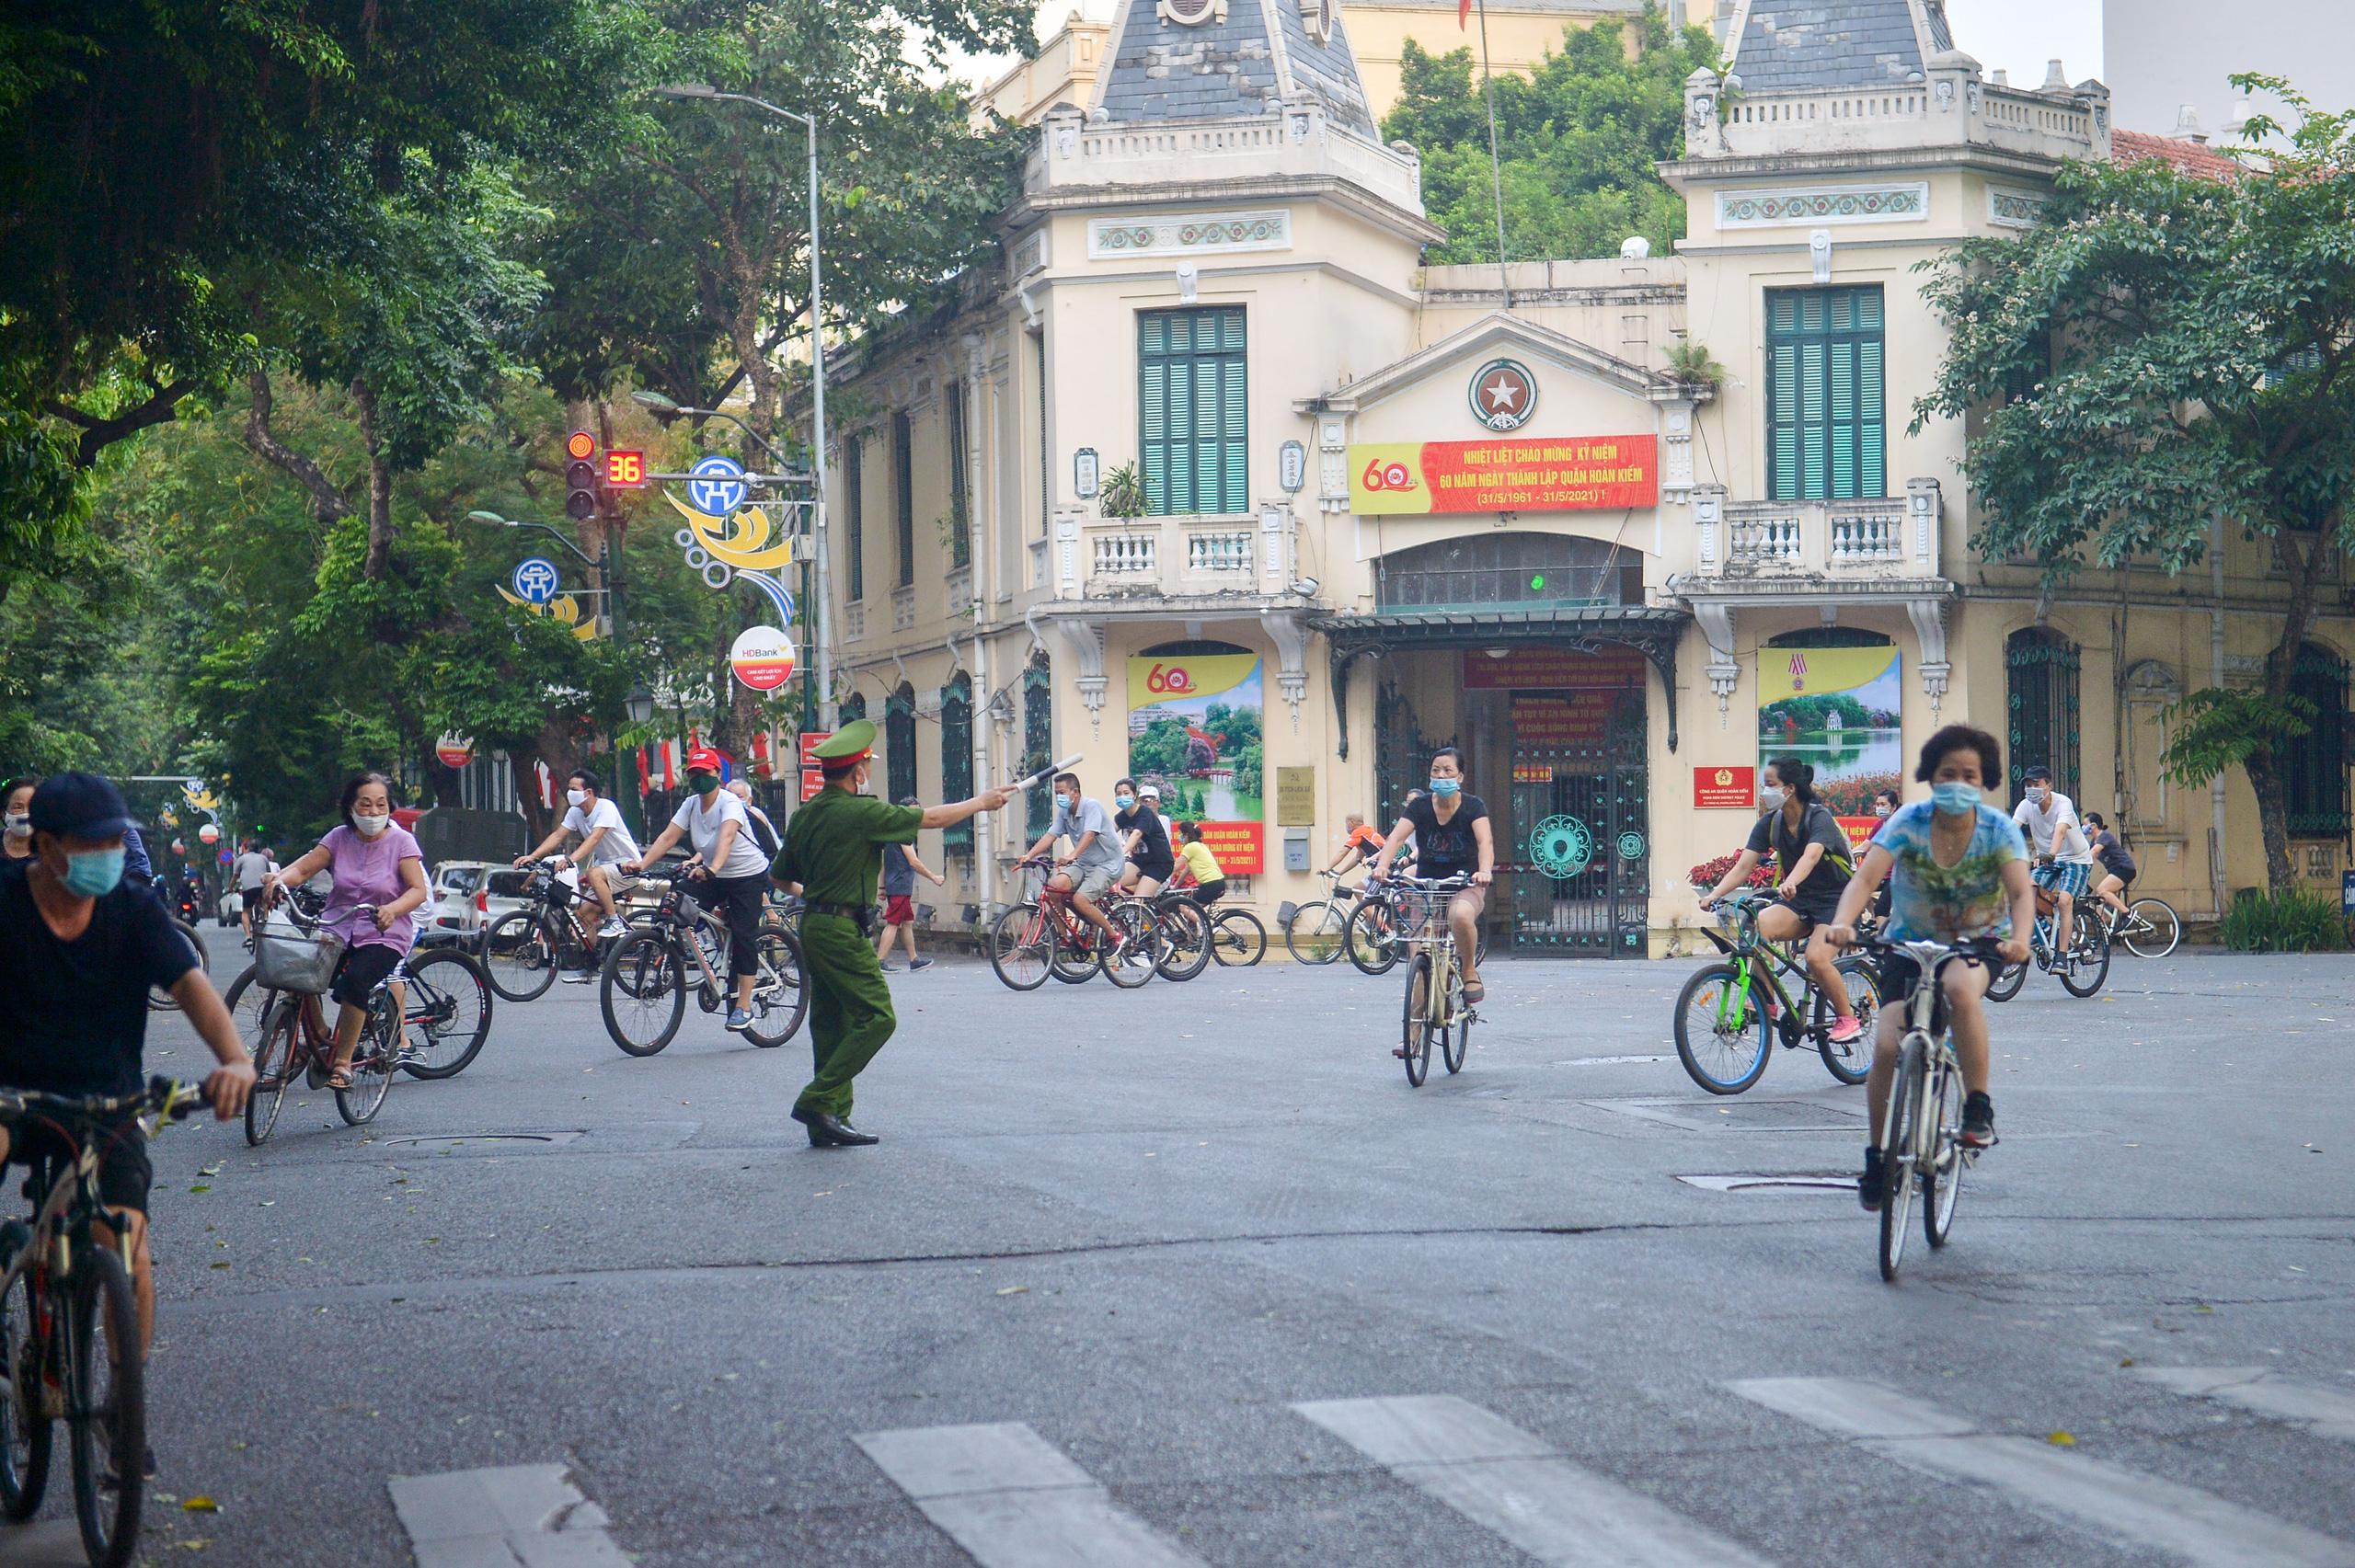 Hàng trăm người dân tập thể dục, đạp xe quanh hồ Gươm bất chấp dịch quy định phòng dịch Covid-19 - Ảnh 11.